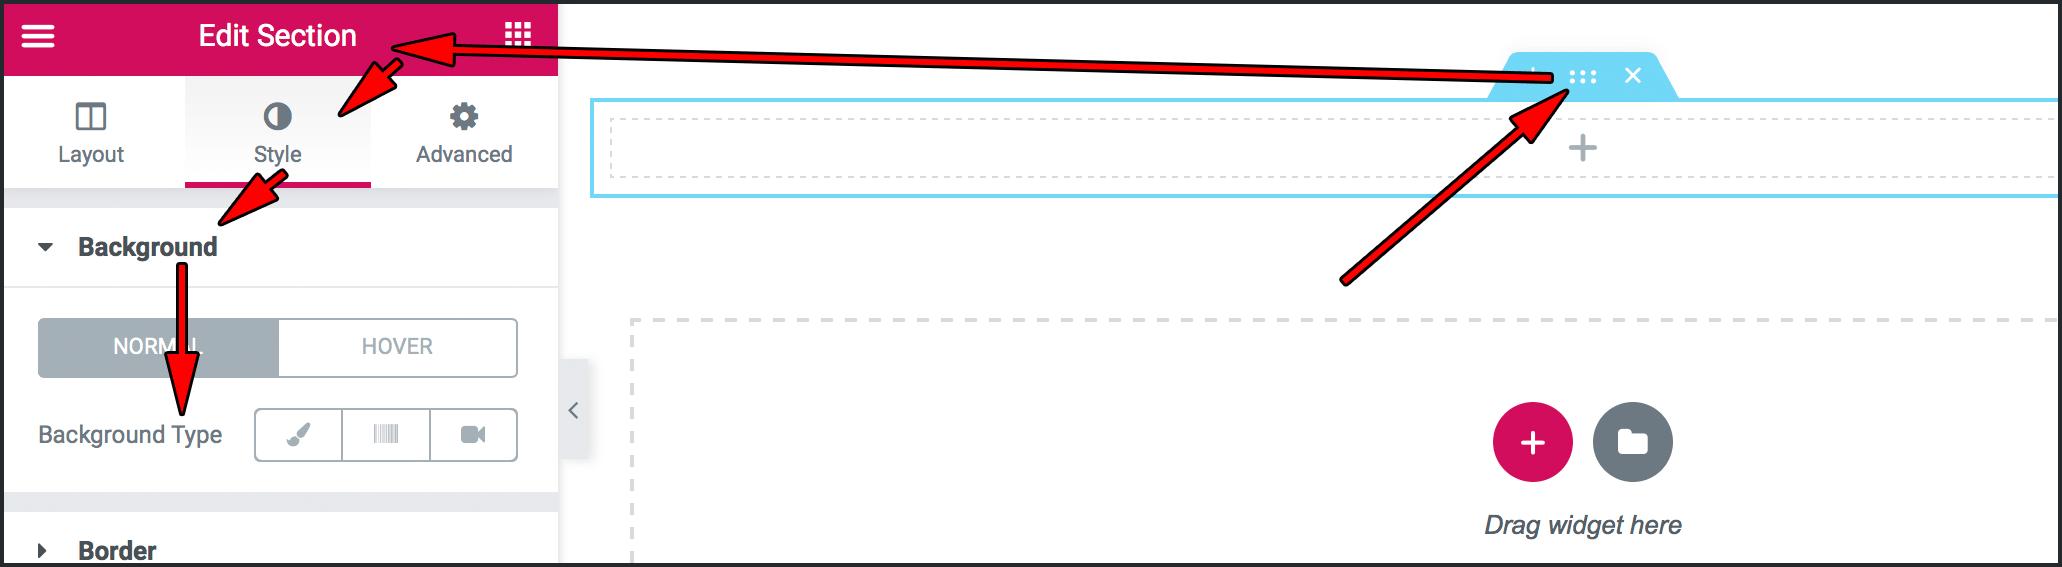 왼쪽 패널에 나타난 Edit Section